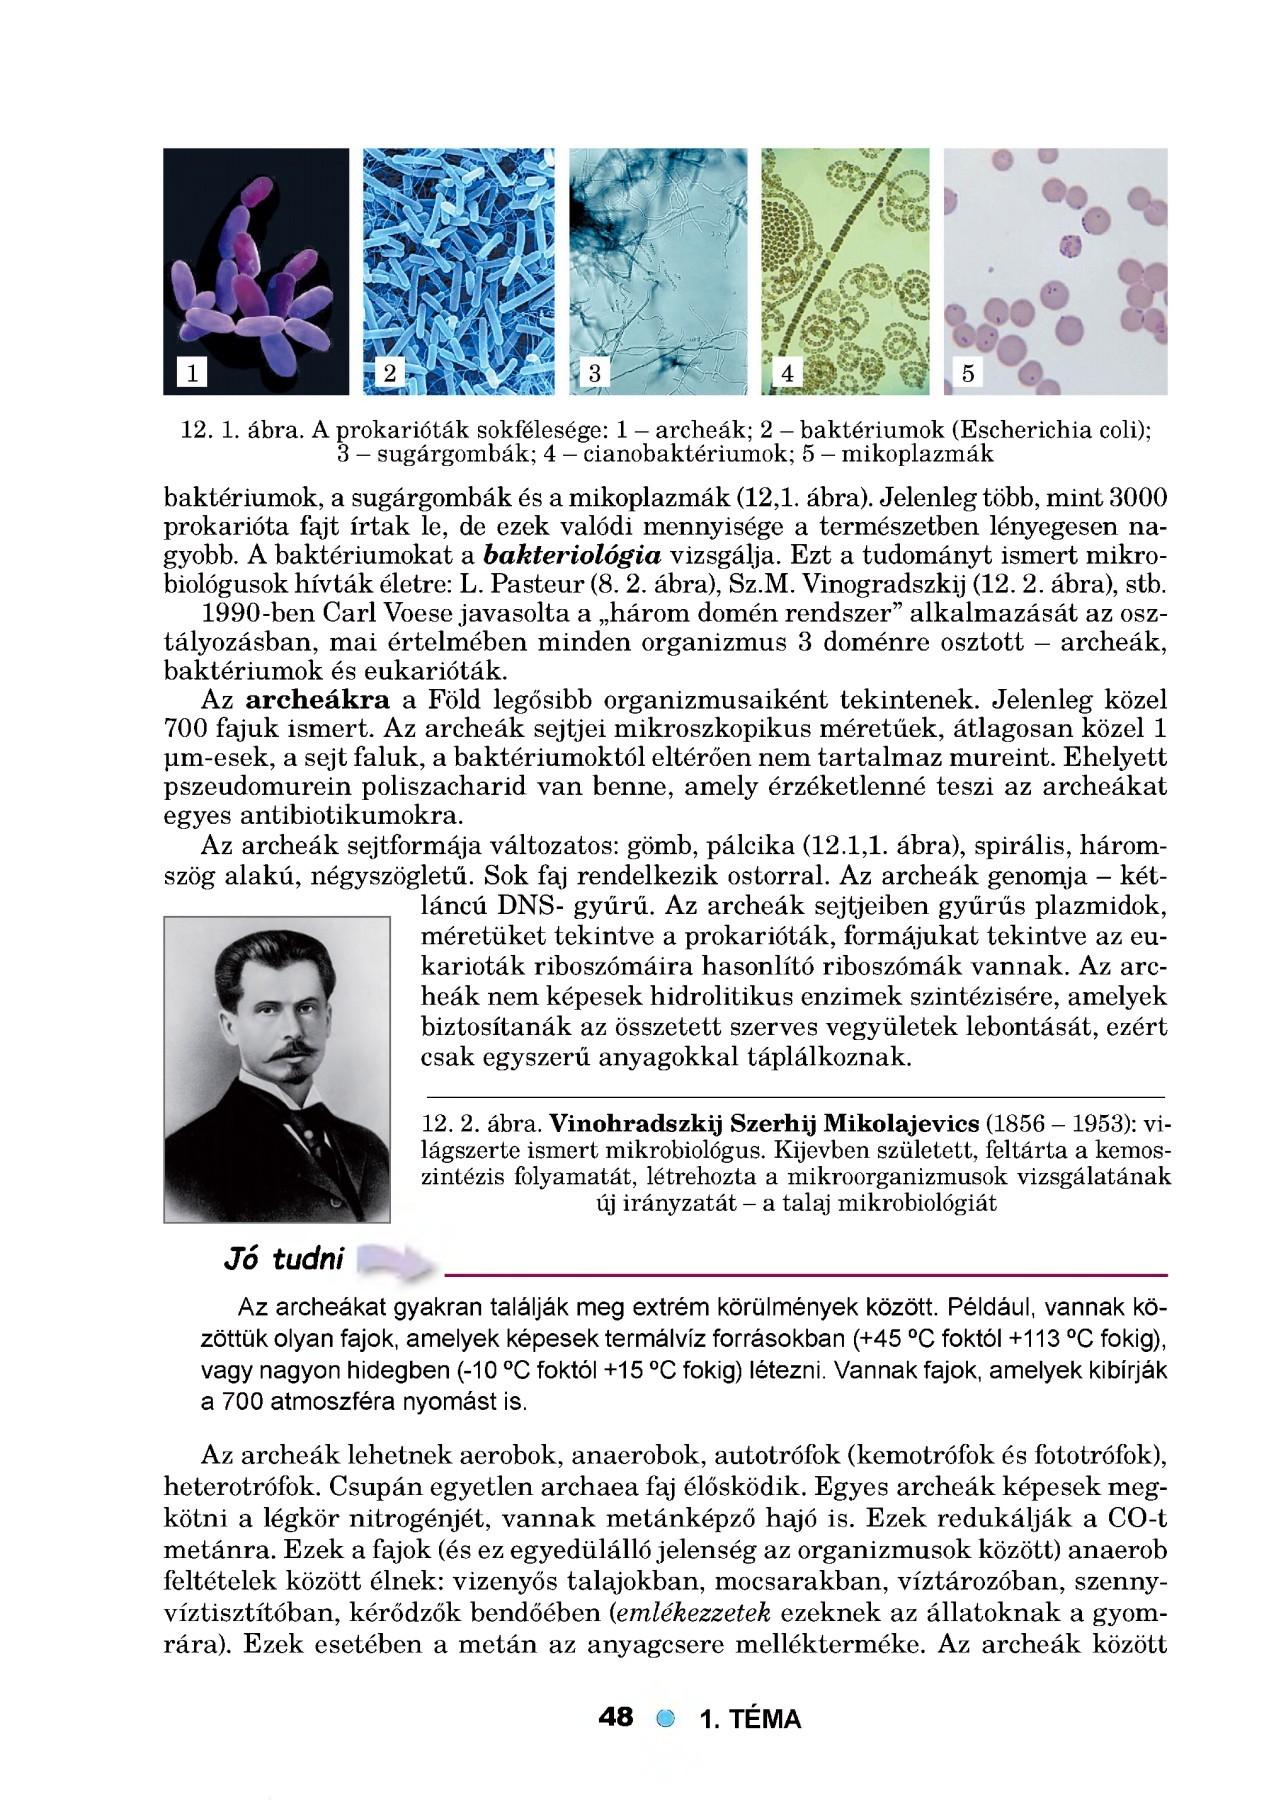 hipertónia kód a mikrobiológia 10-hez felnőtteknél